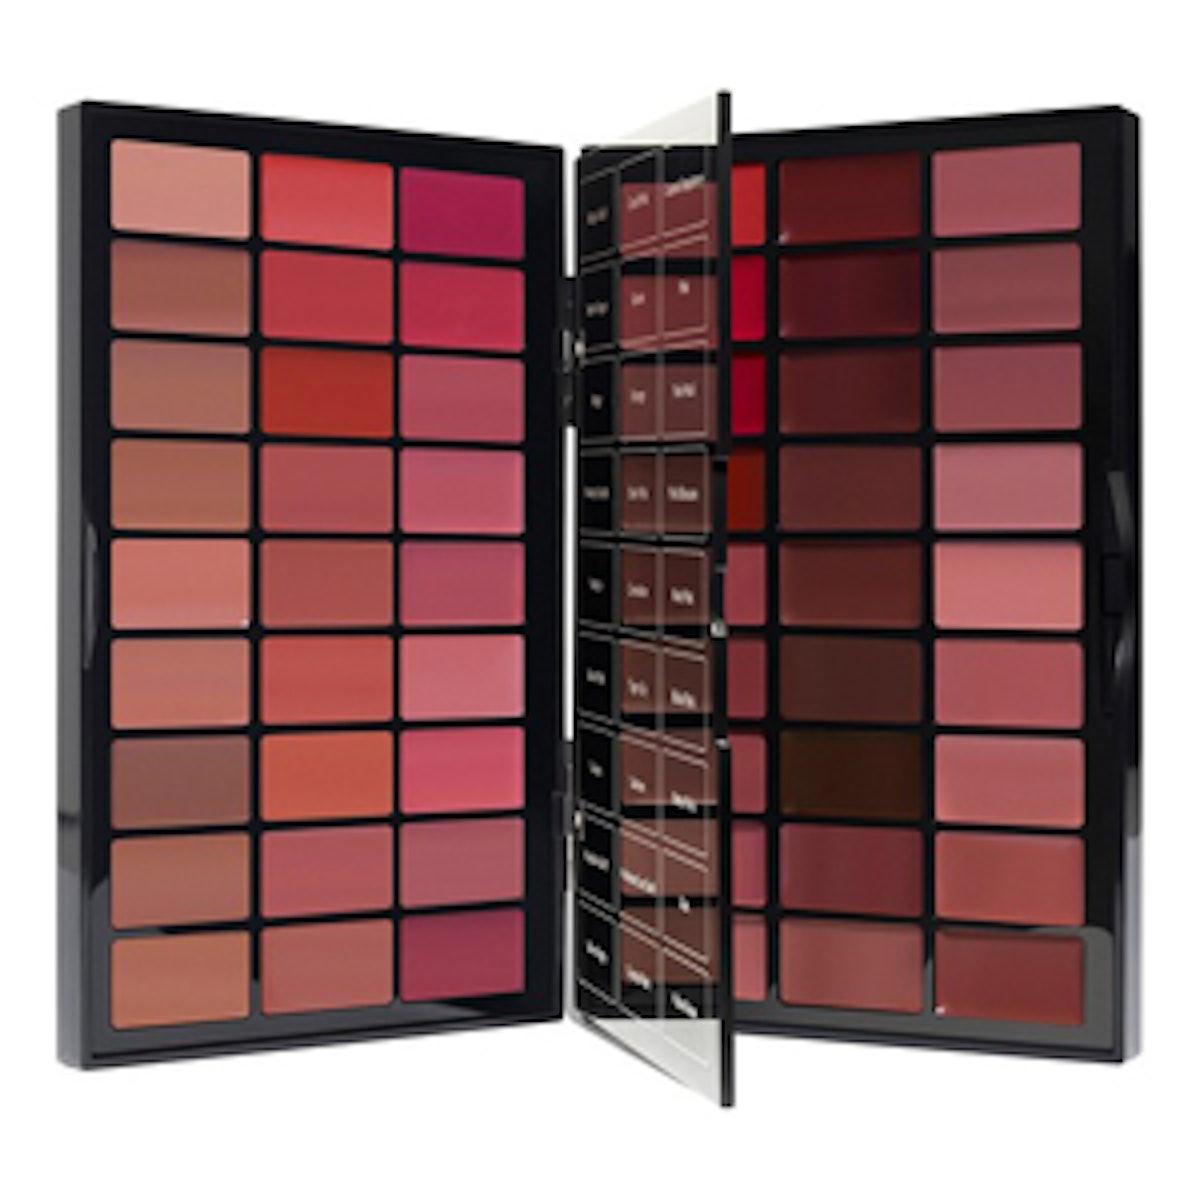 Artist Palette for Lips